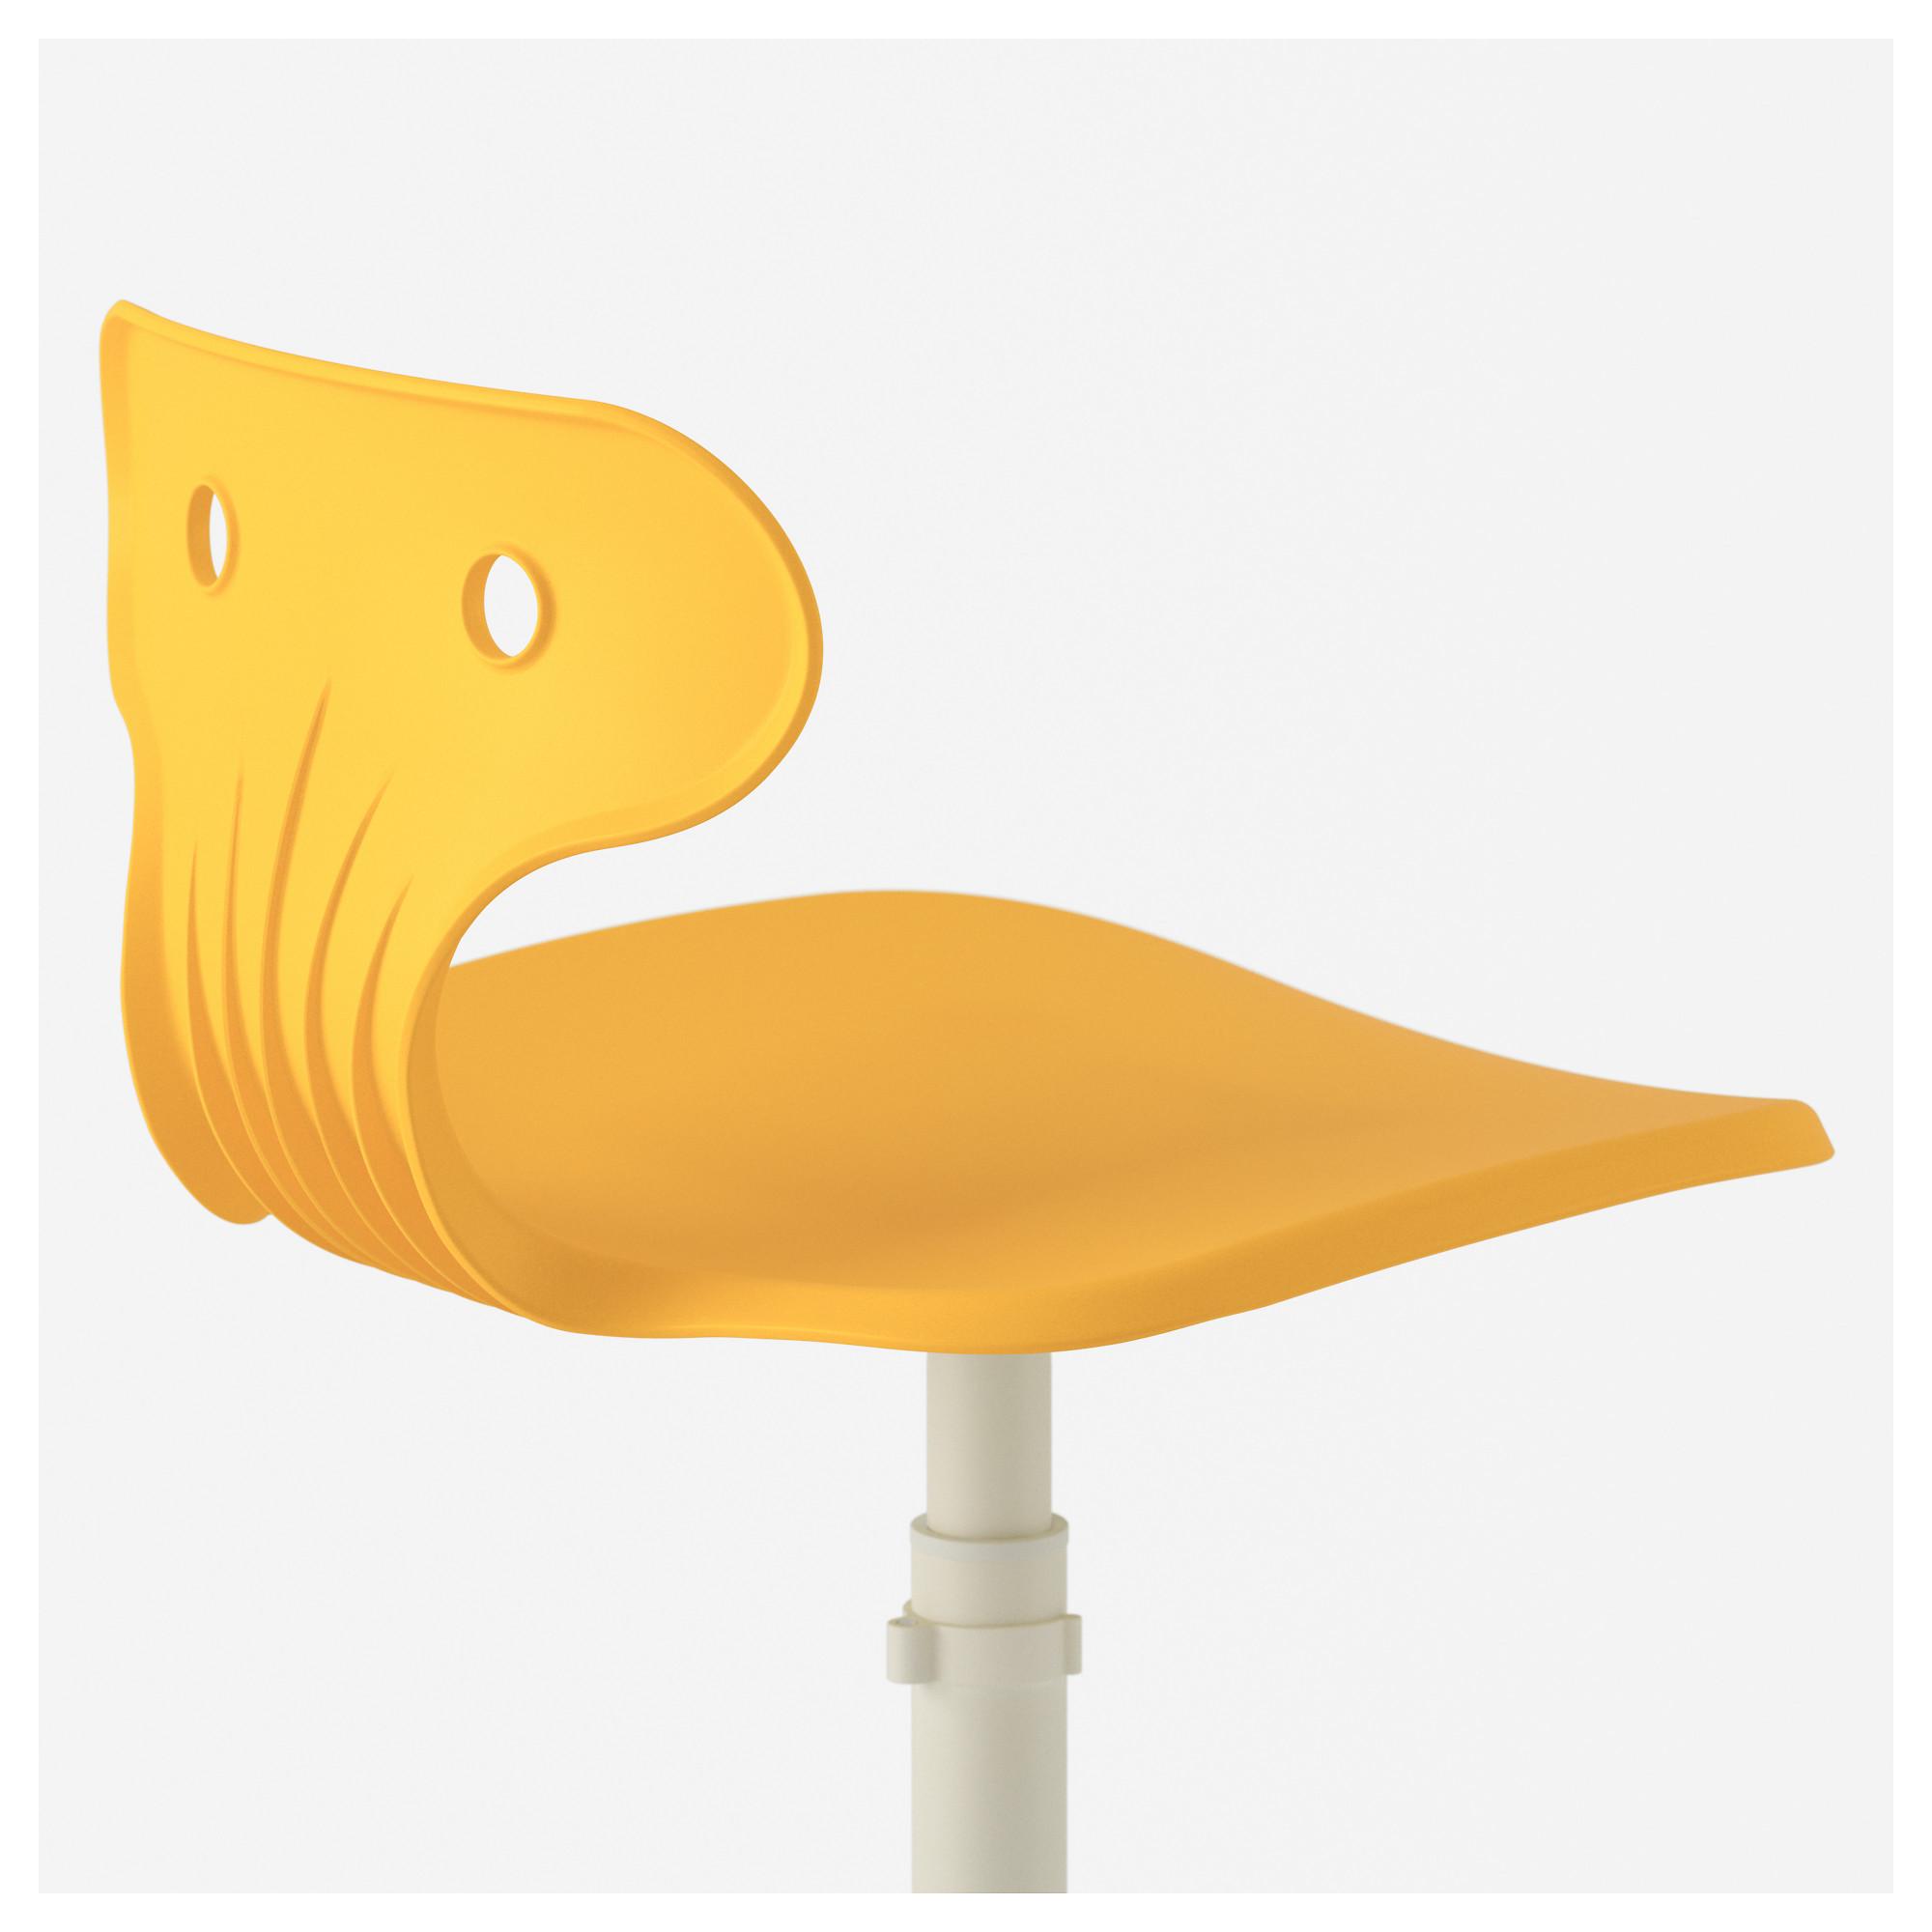 Стул для письменного стола МОЛЬТЕ желтый артикуль № 603.849.72 в наличии. Онлайн магазин ИКЕА РБ. Недорогая доставка и установка.